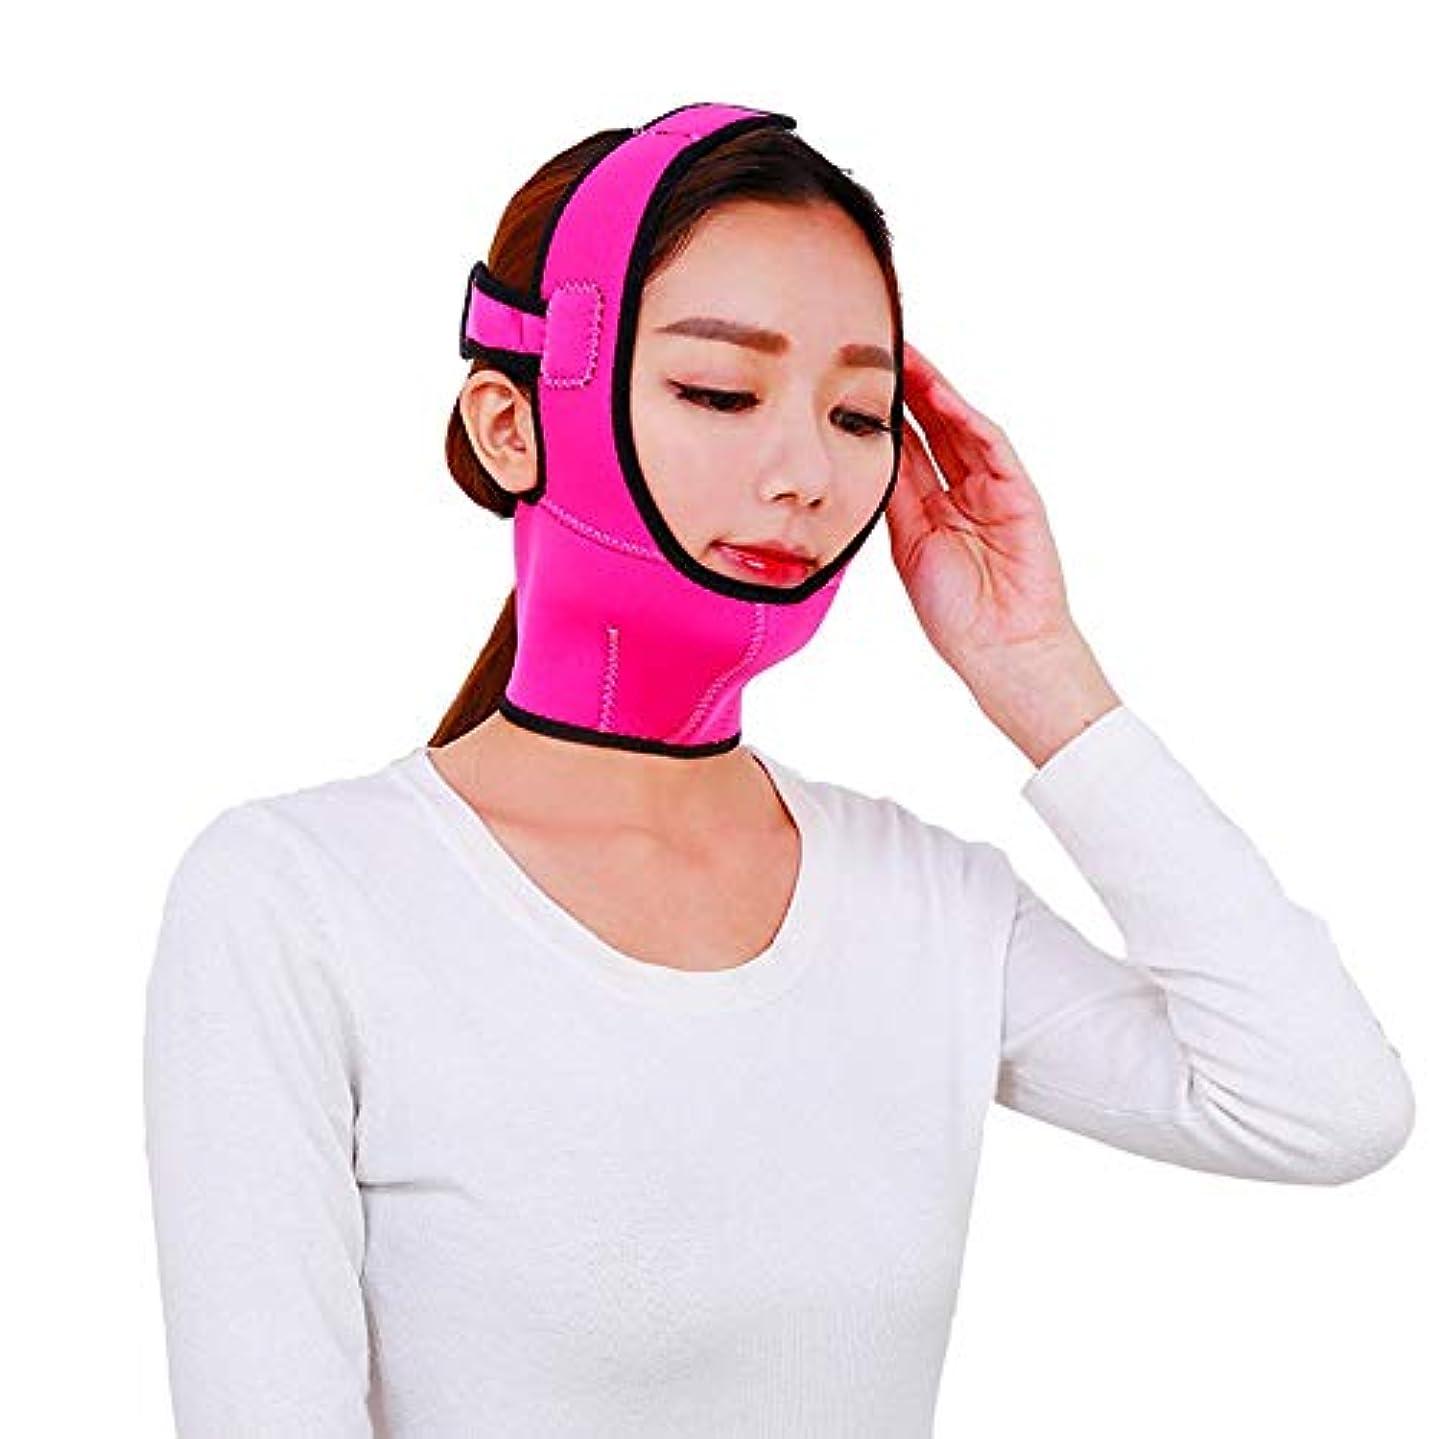 石化するセッティングベリ顔を持ち上げるベルト通気性の顔面リフティング包帯ダブルチン顔面リフティングマスクを締めるV顔面顔面リフレッシングツール